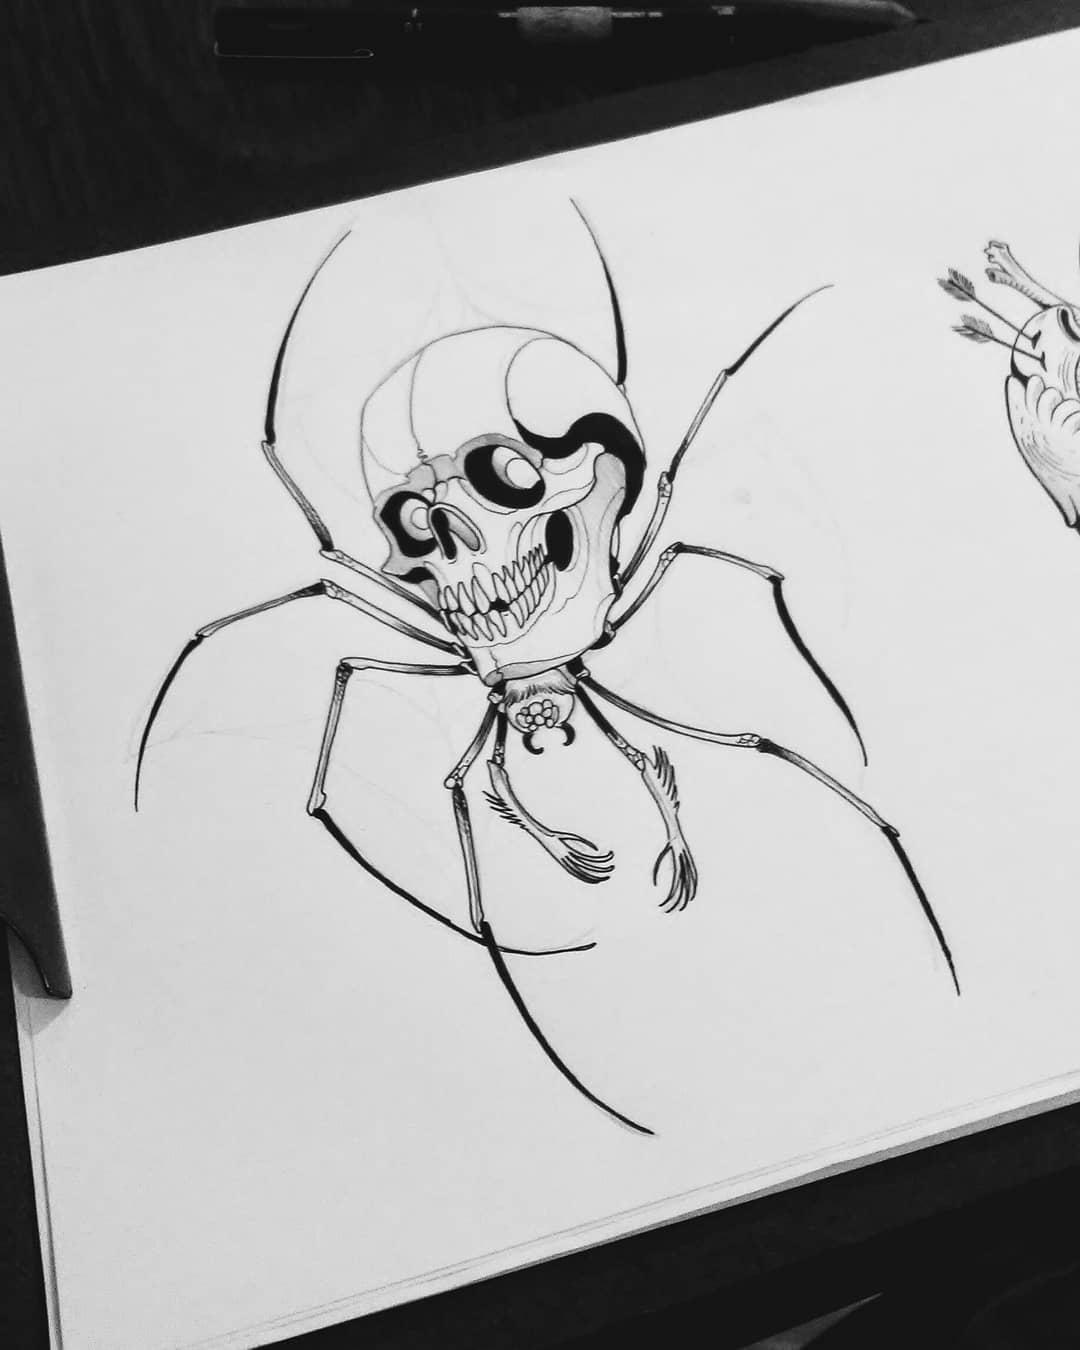 骷髅蜘蛛纹身手稿